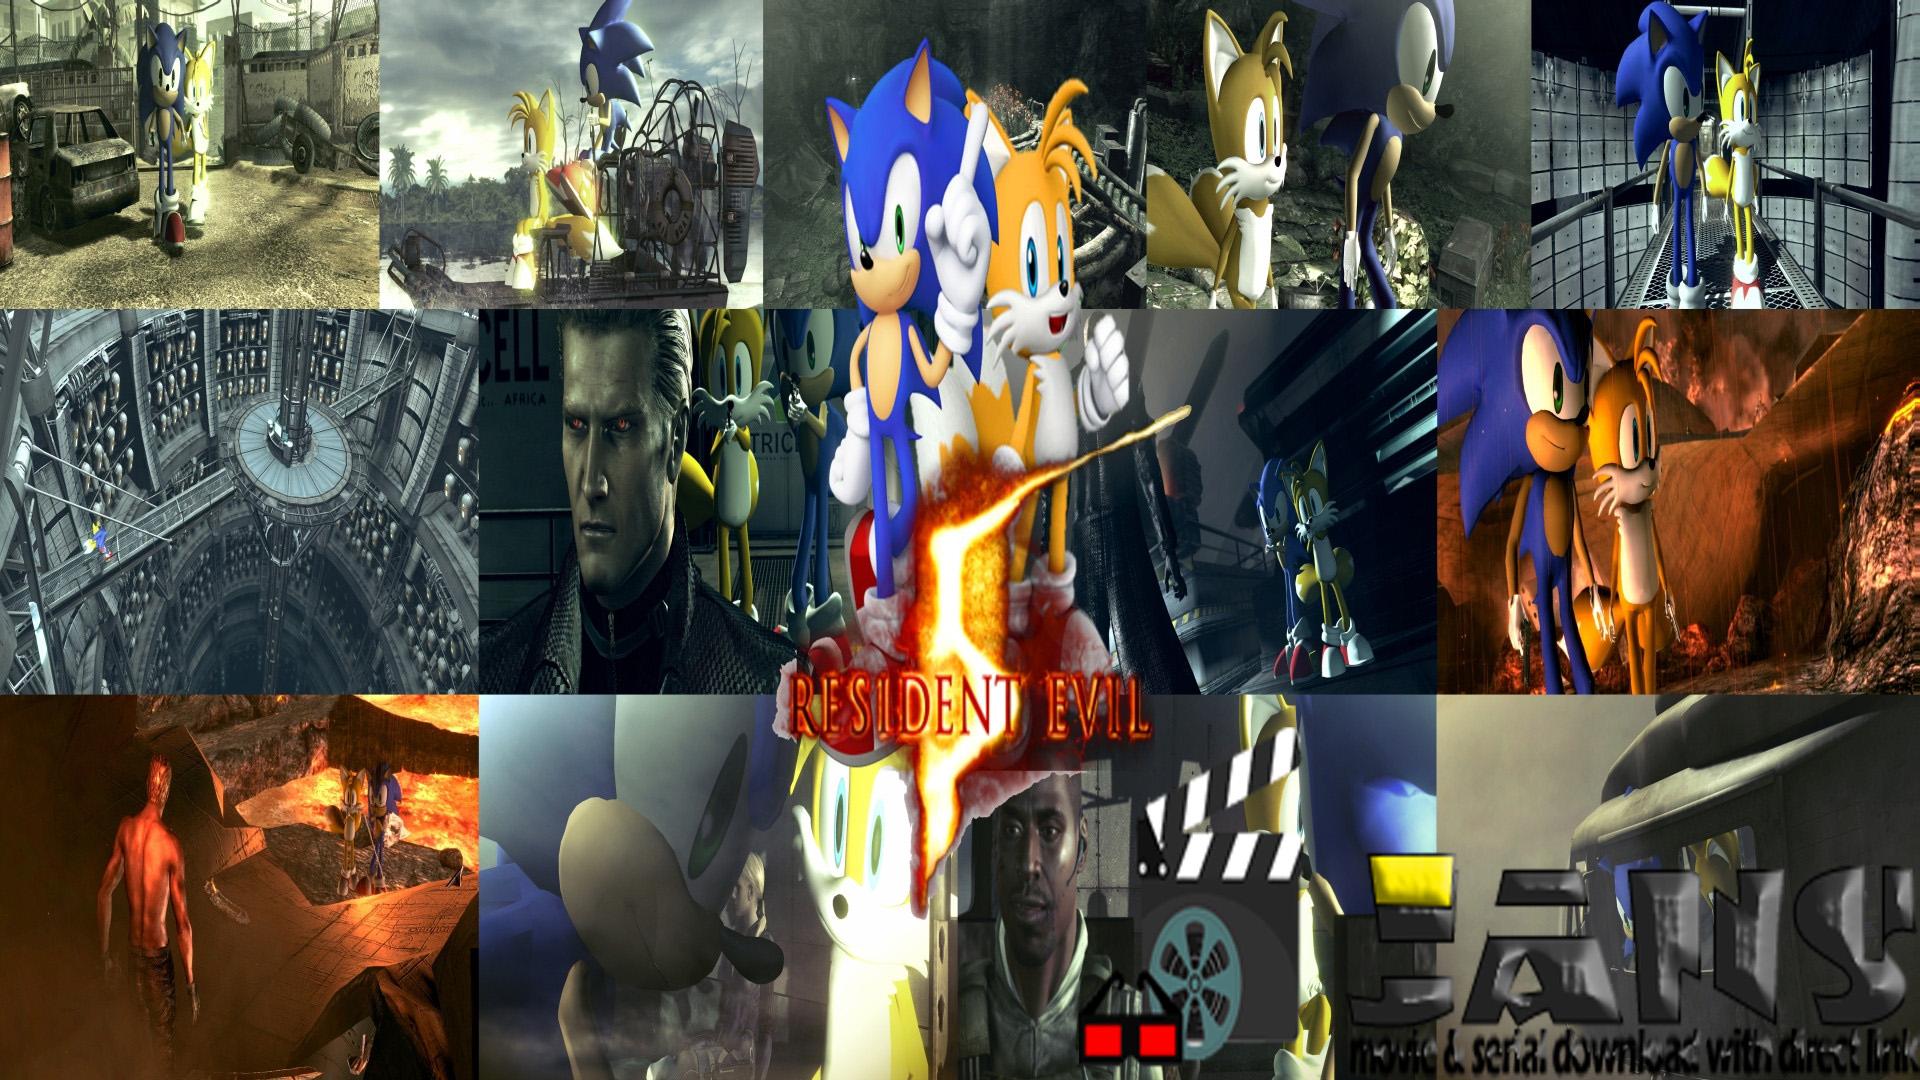 دانلود اسکین سونیک برای Resident Evil 5